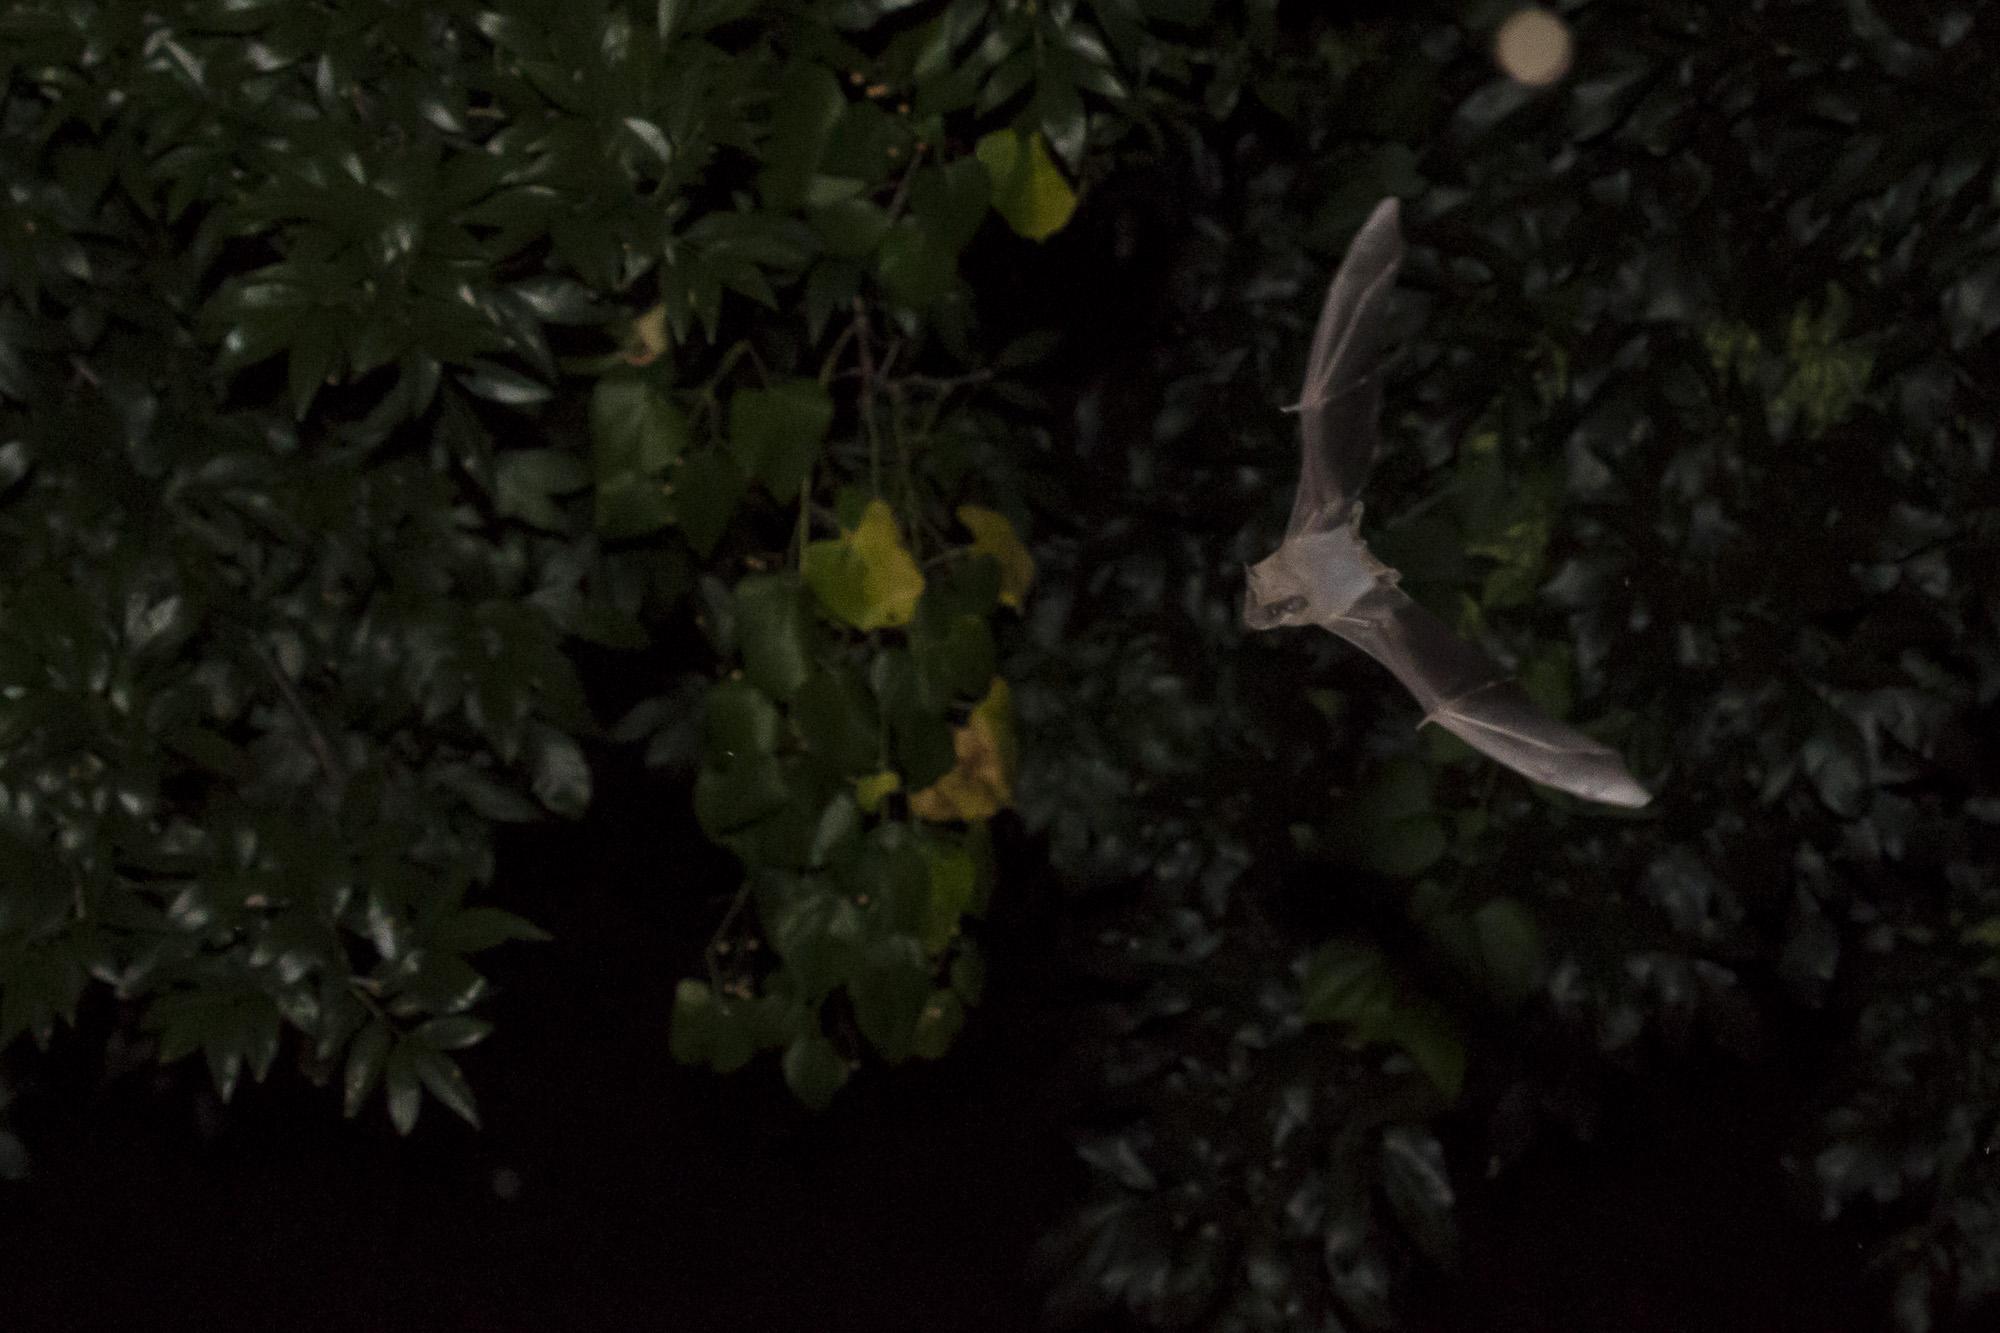 Bats_8.JPG